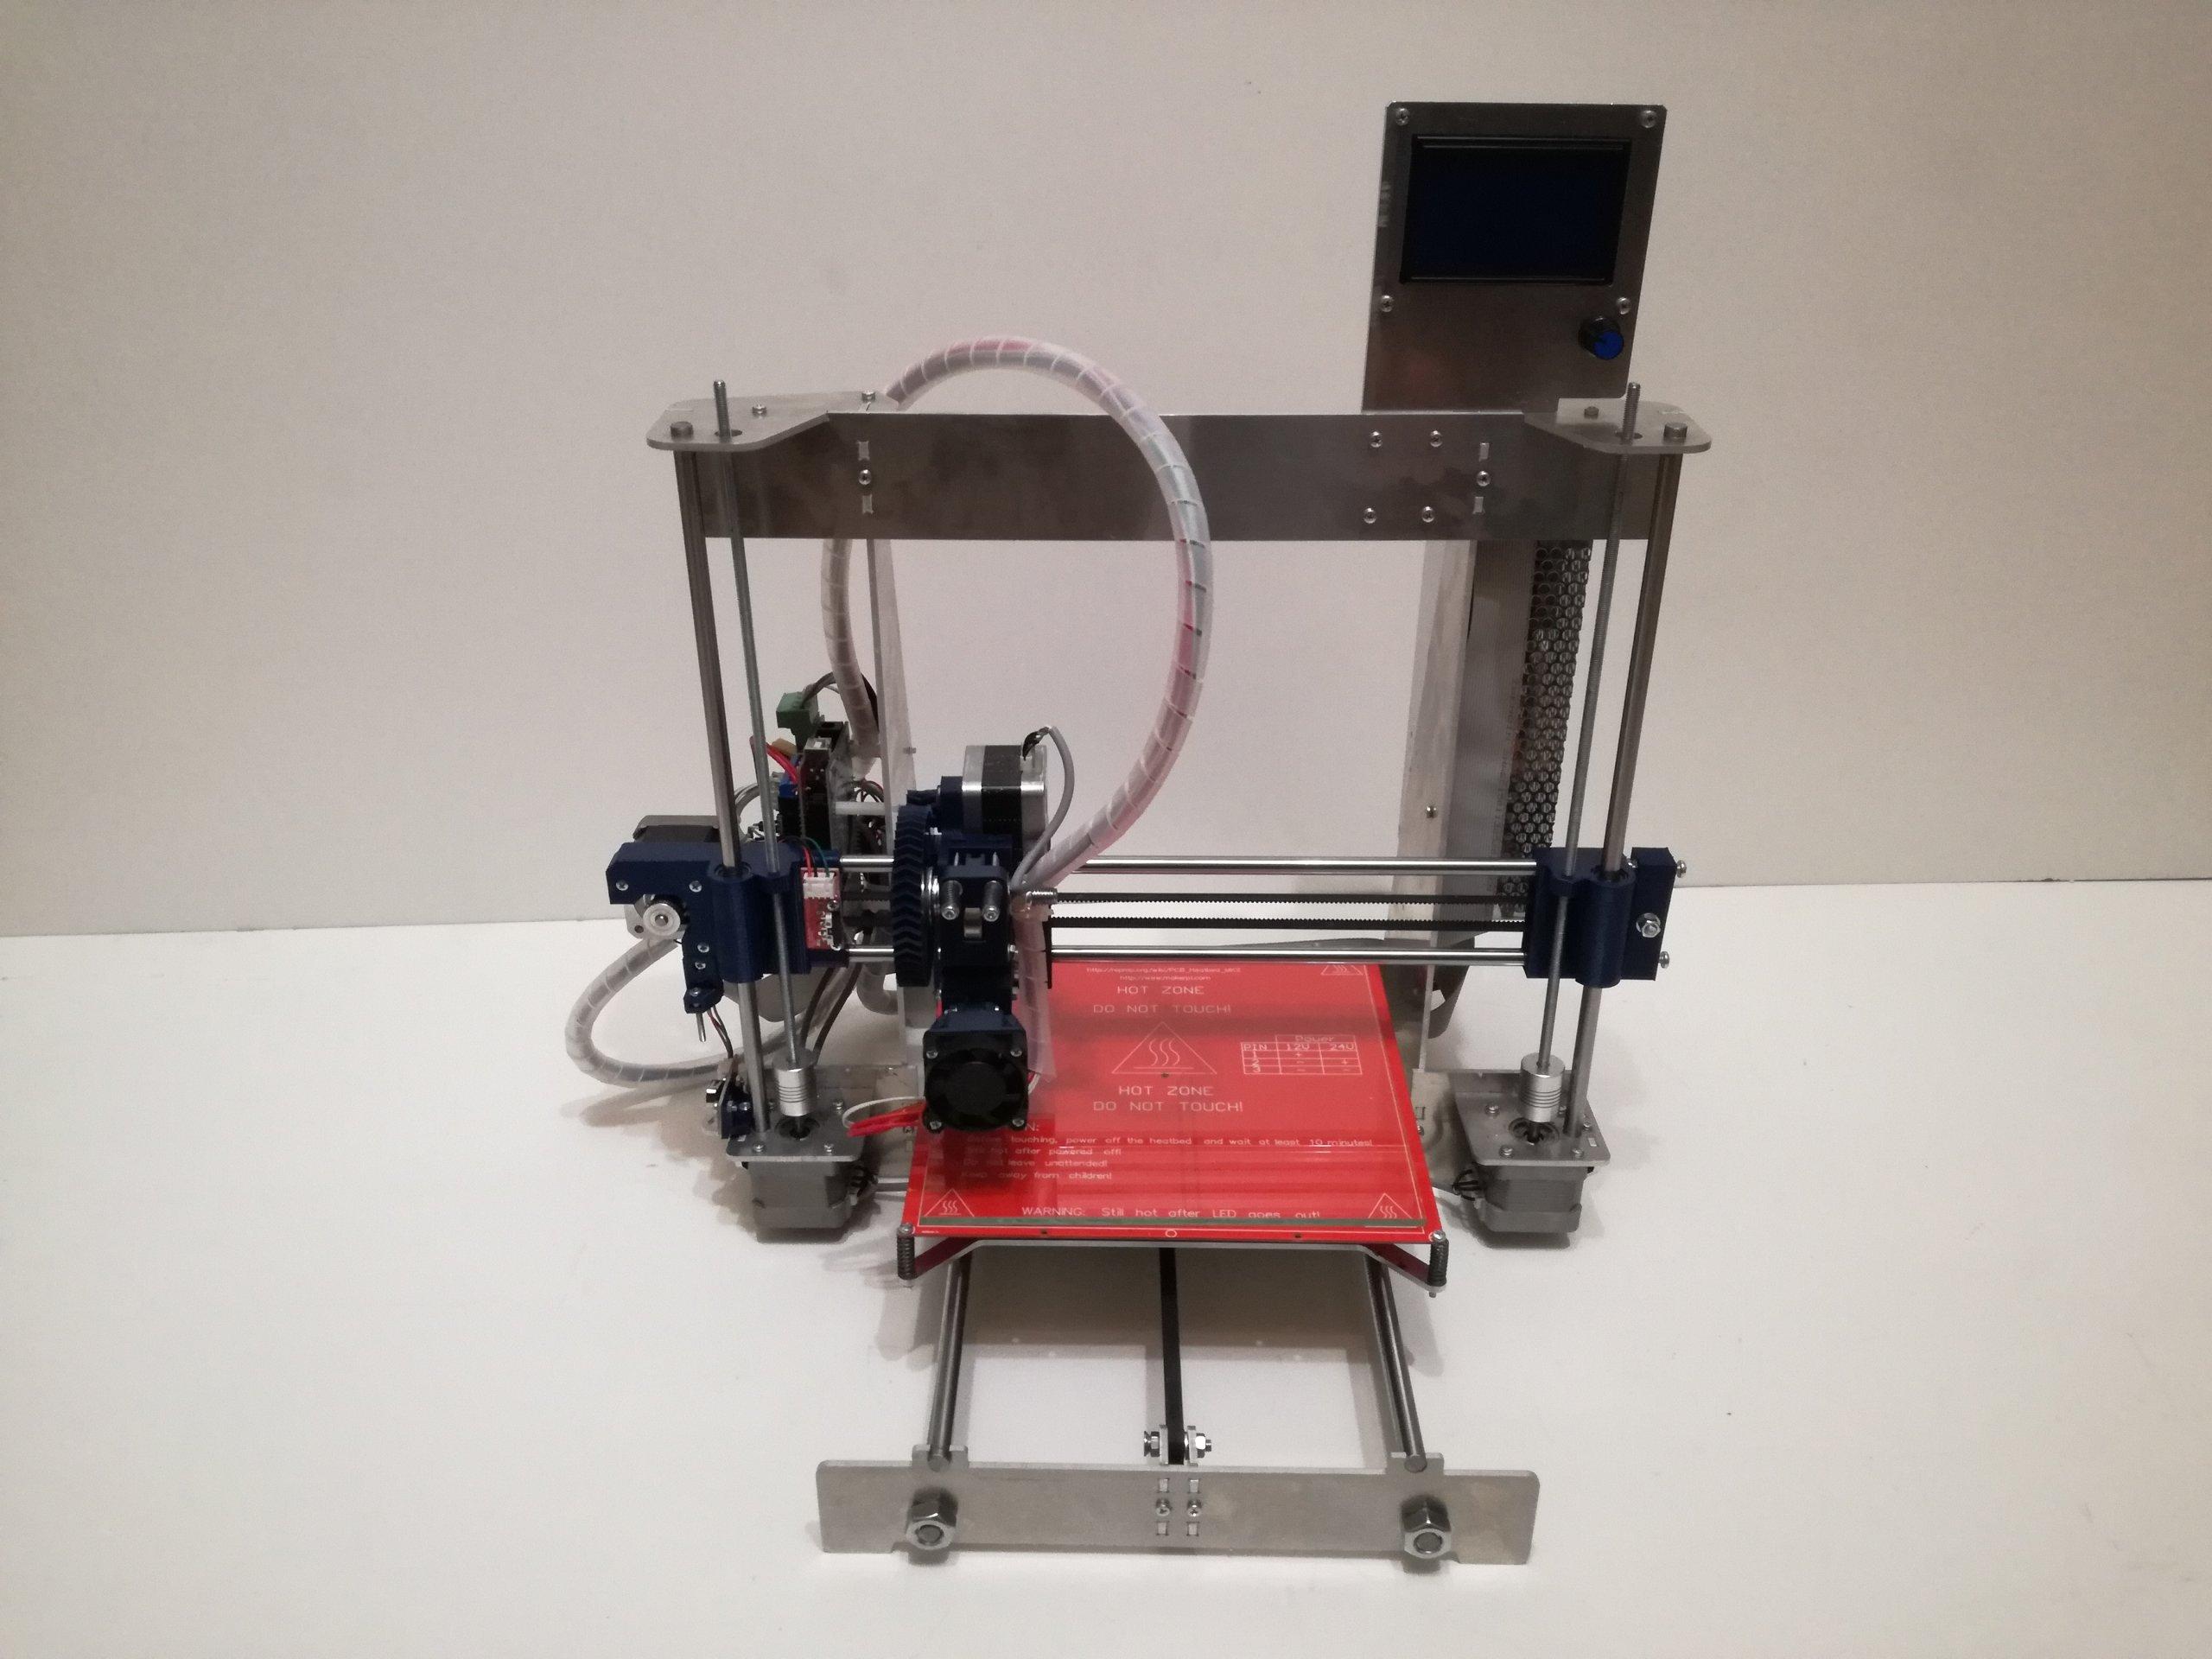 3D tlačiareň, Prusa I3, komplexné reproAP + vlákno